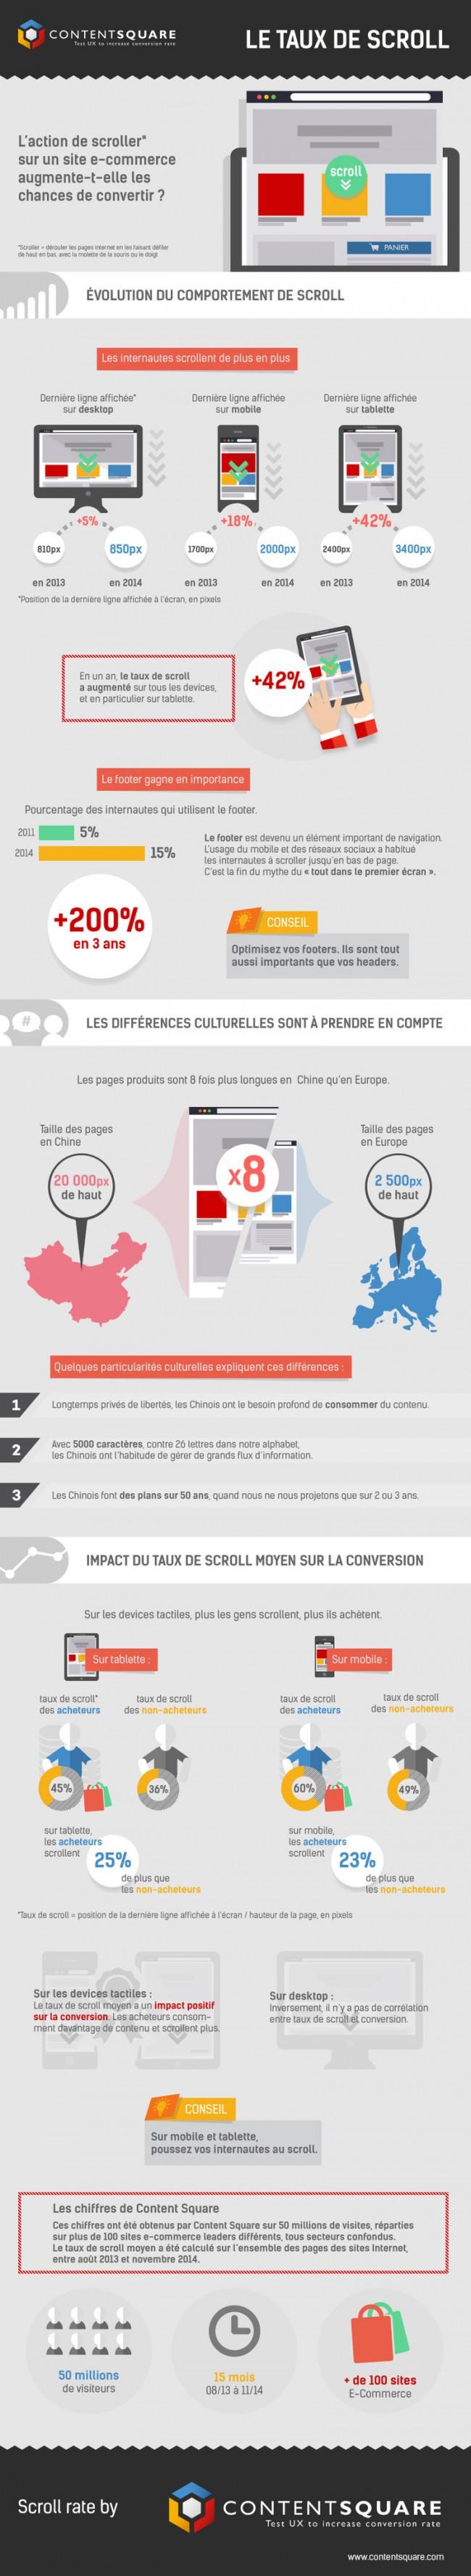 Infographie : l'impact du taux de scroll sur un site e-commerce